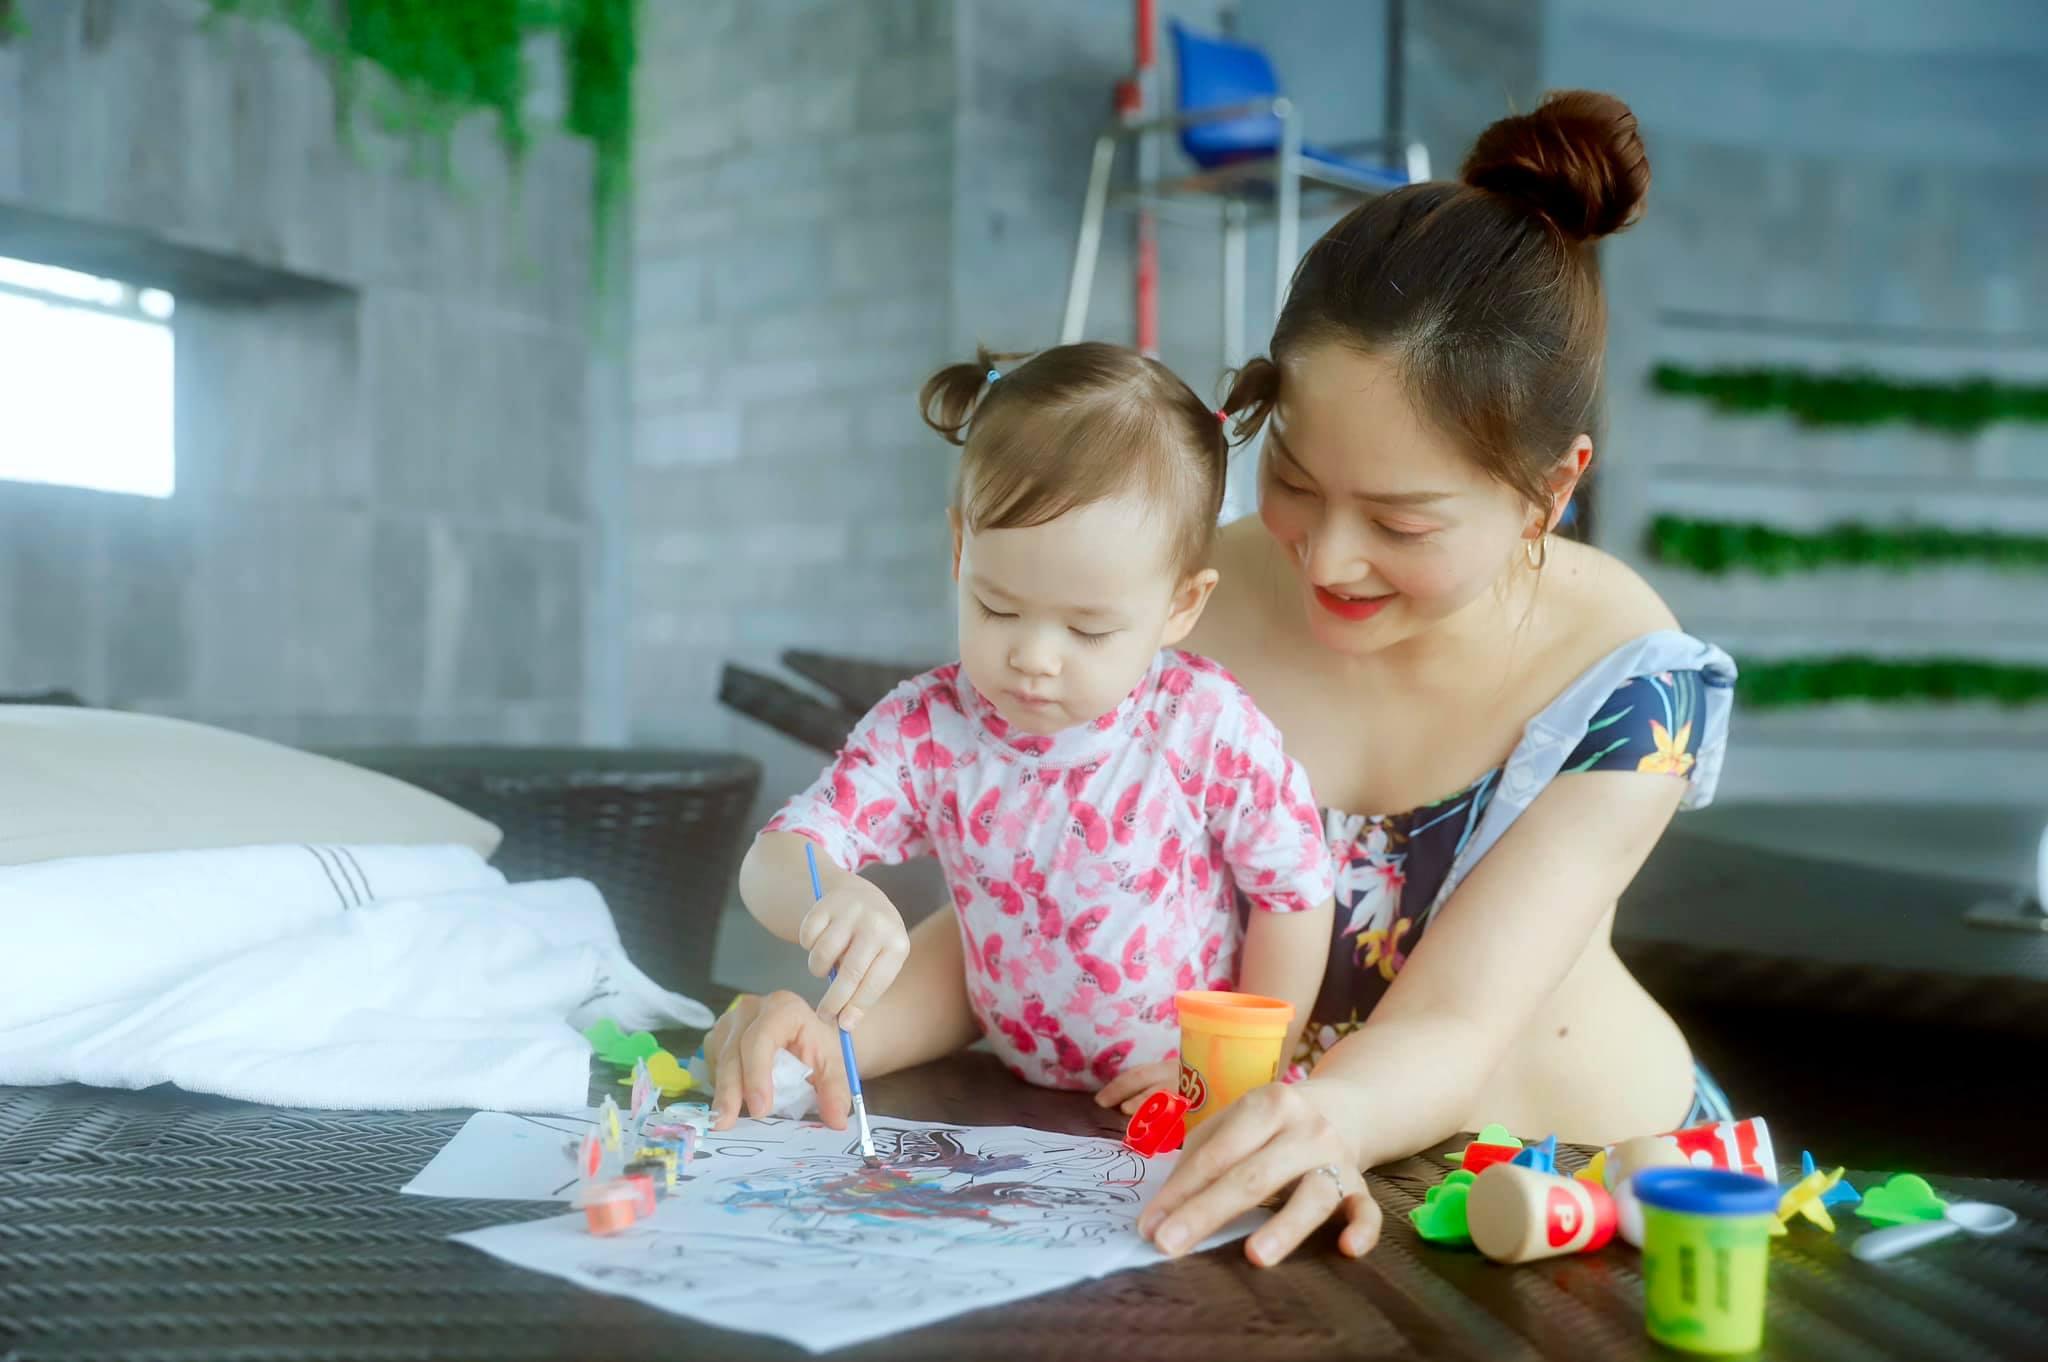 Con gái 21 tháng biết xếp bảng chữ cái, đếm số, đánh đàn, Lan Phương tiết lộ quy tắc dạy con mẹ nào cũng khen ngợi - Ảnh 4.